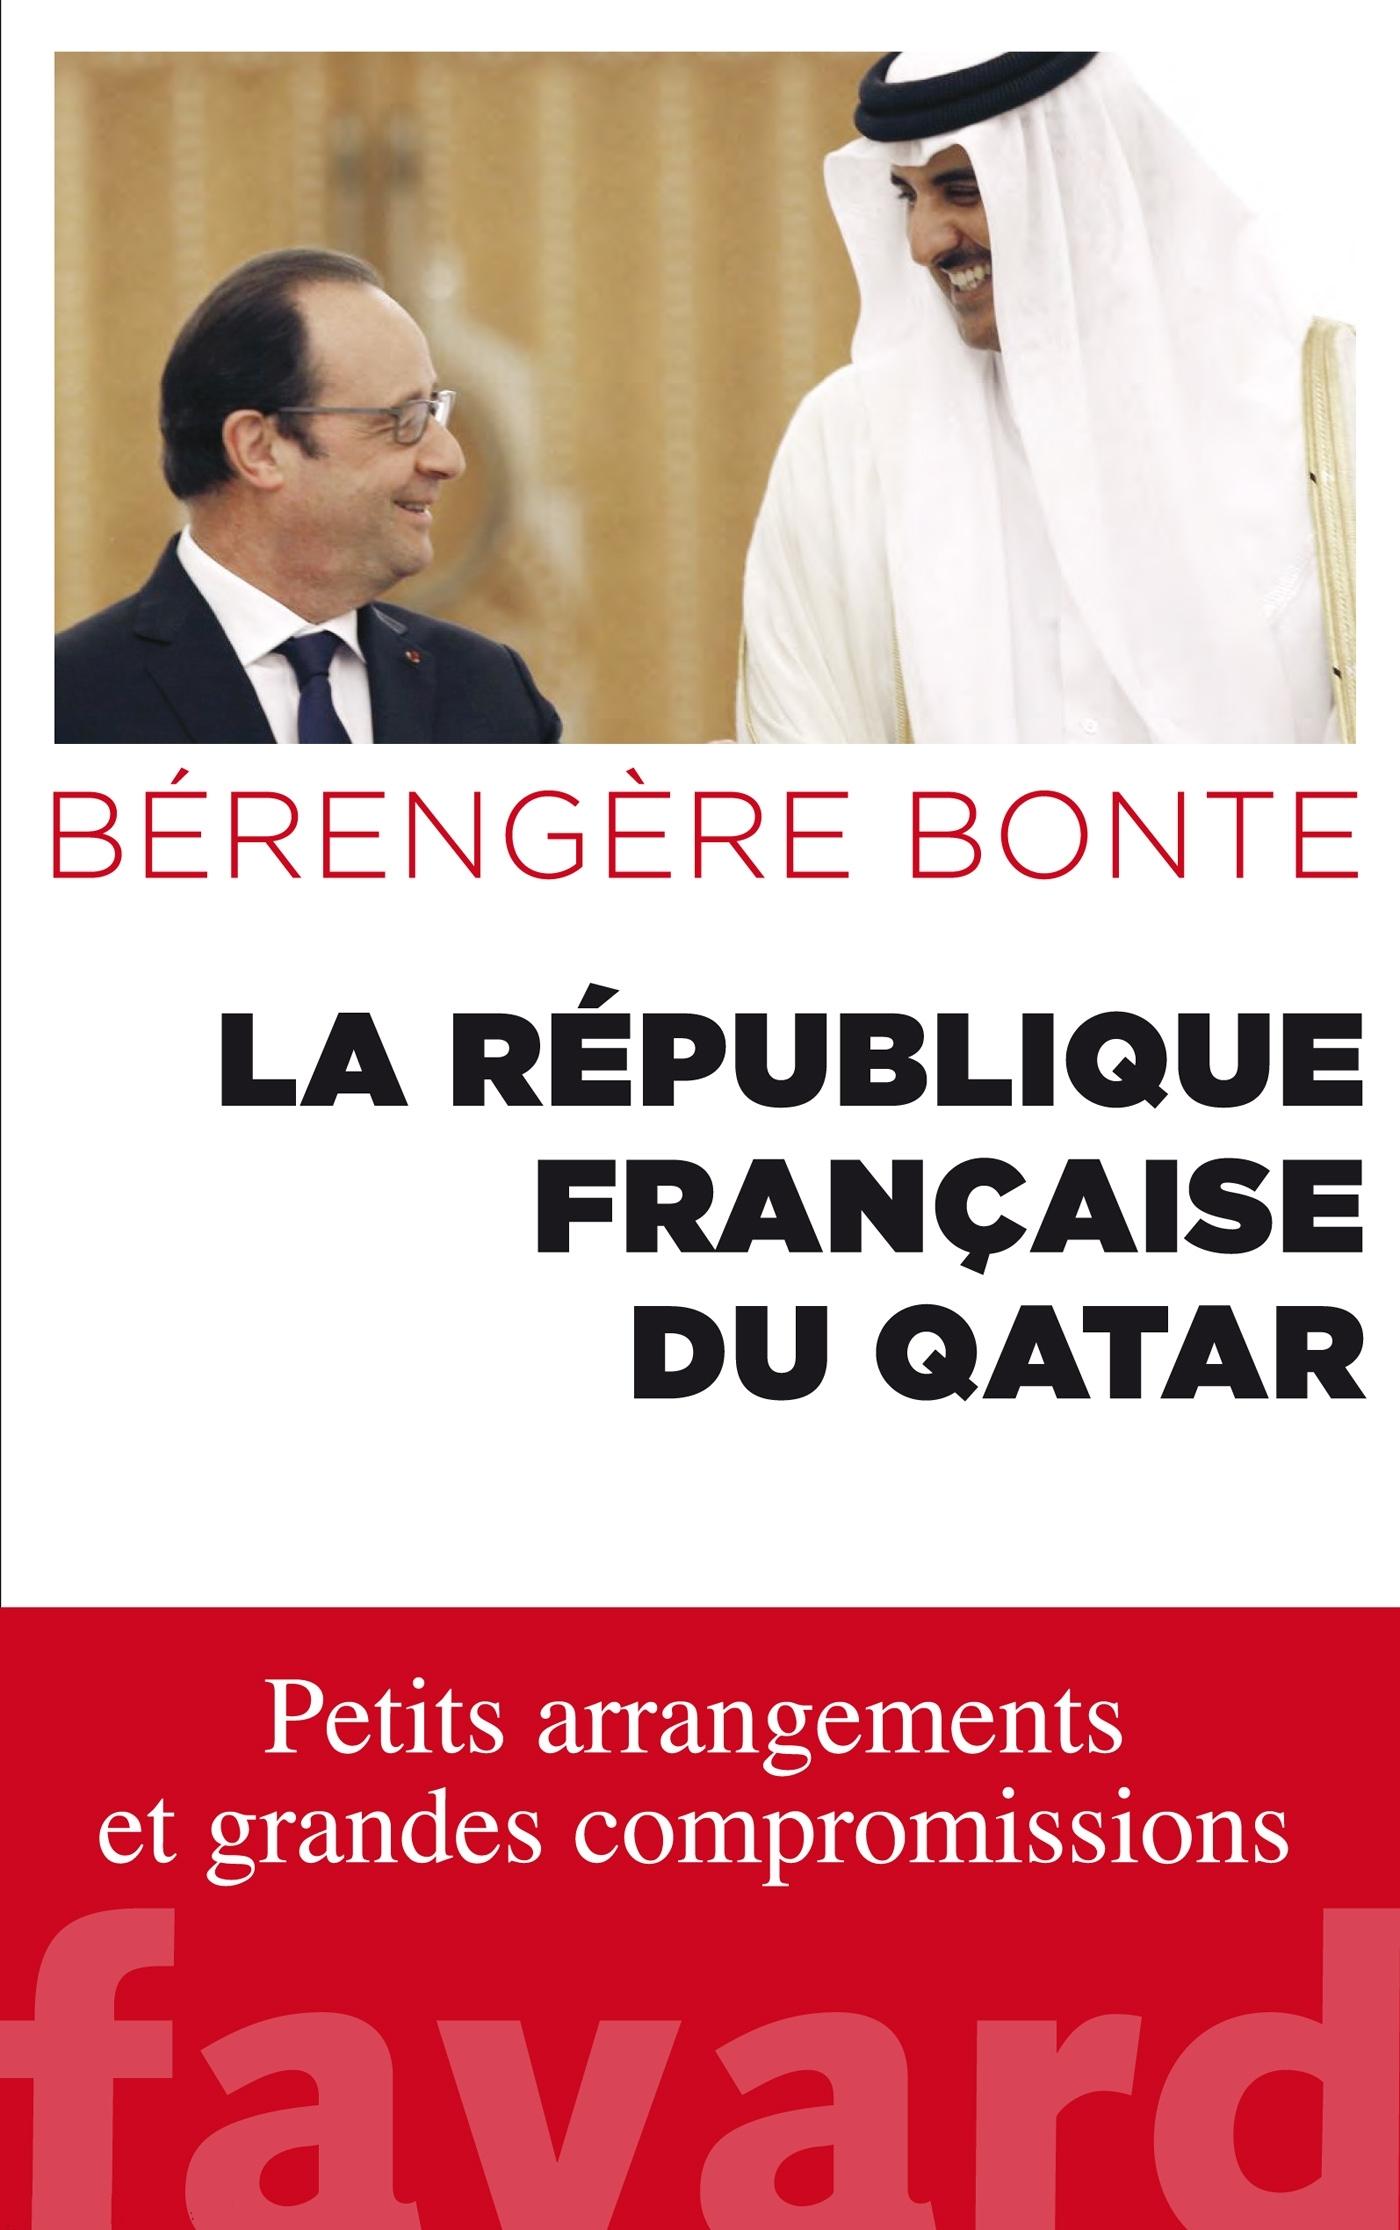 La République francaise du Qatar